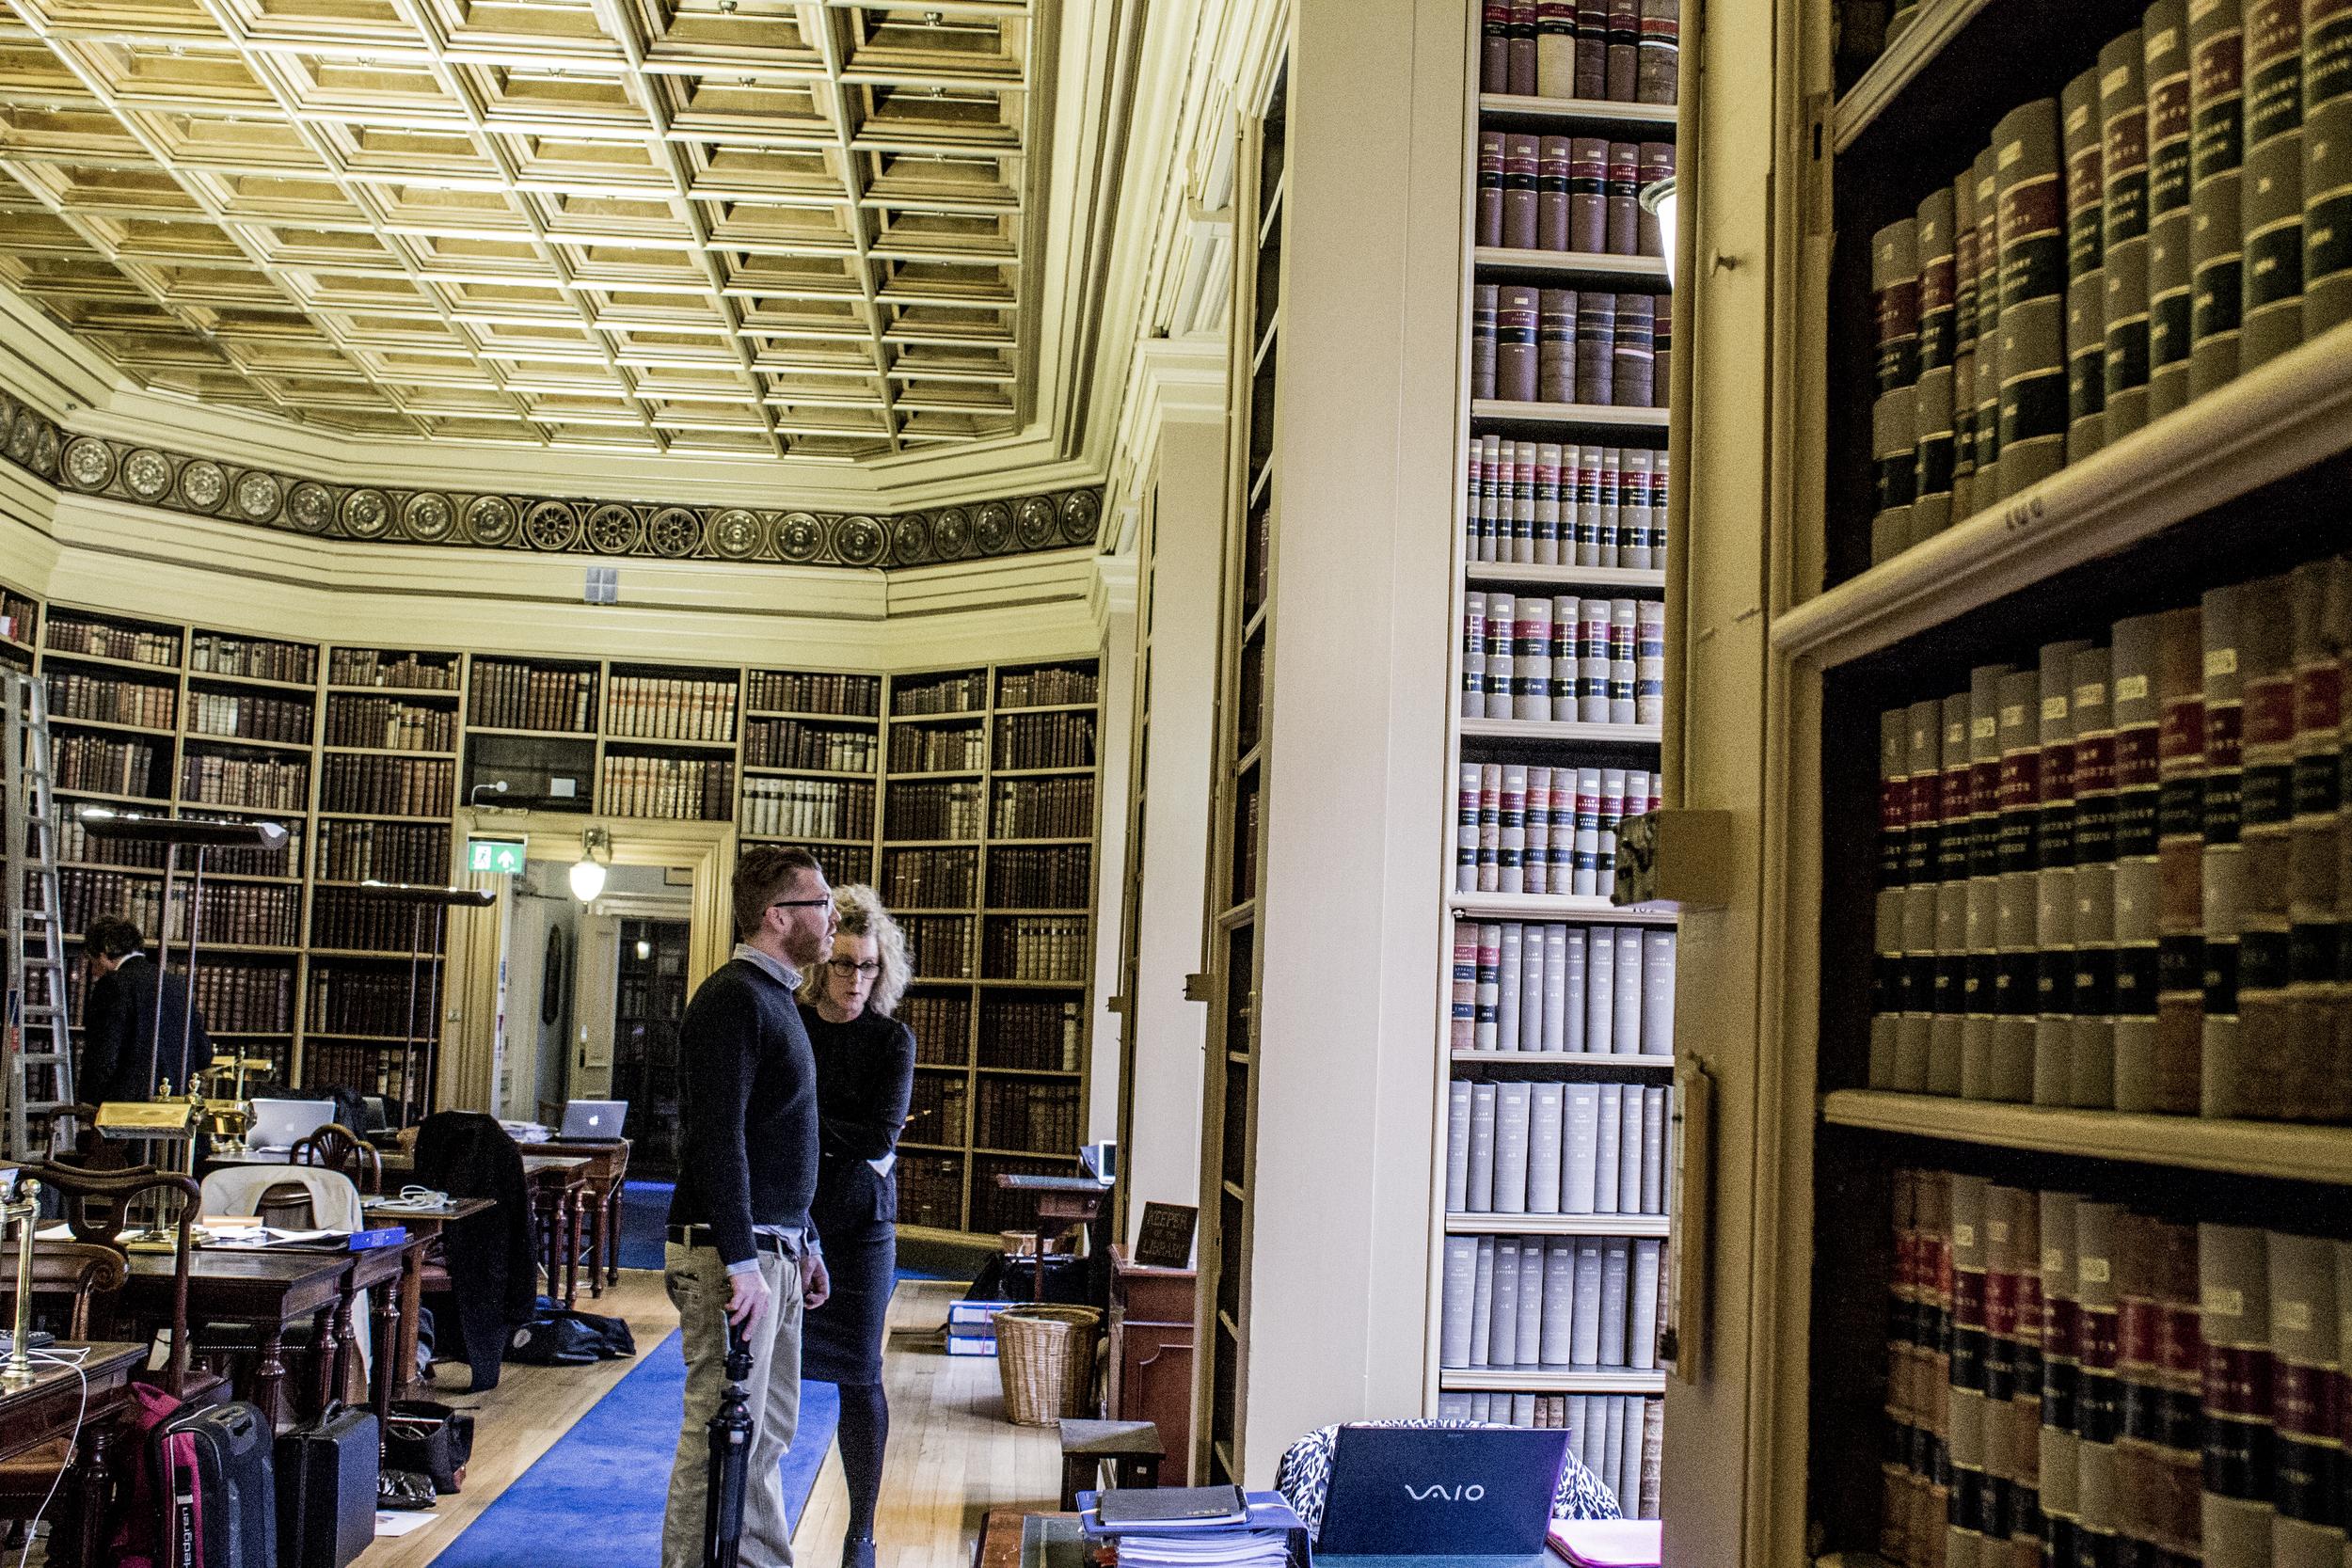 Library repair